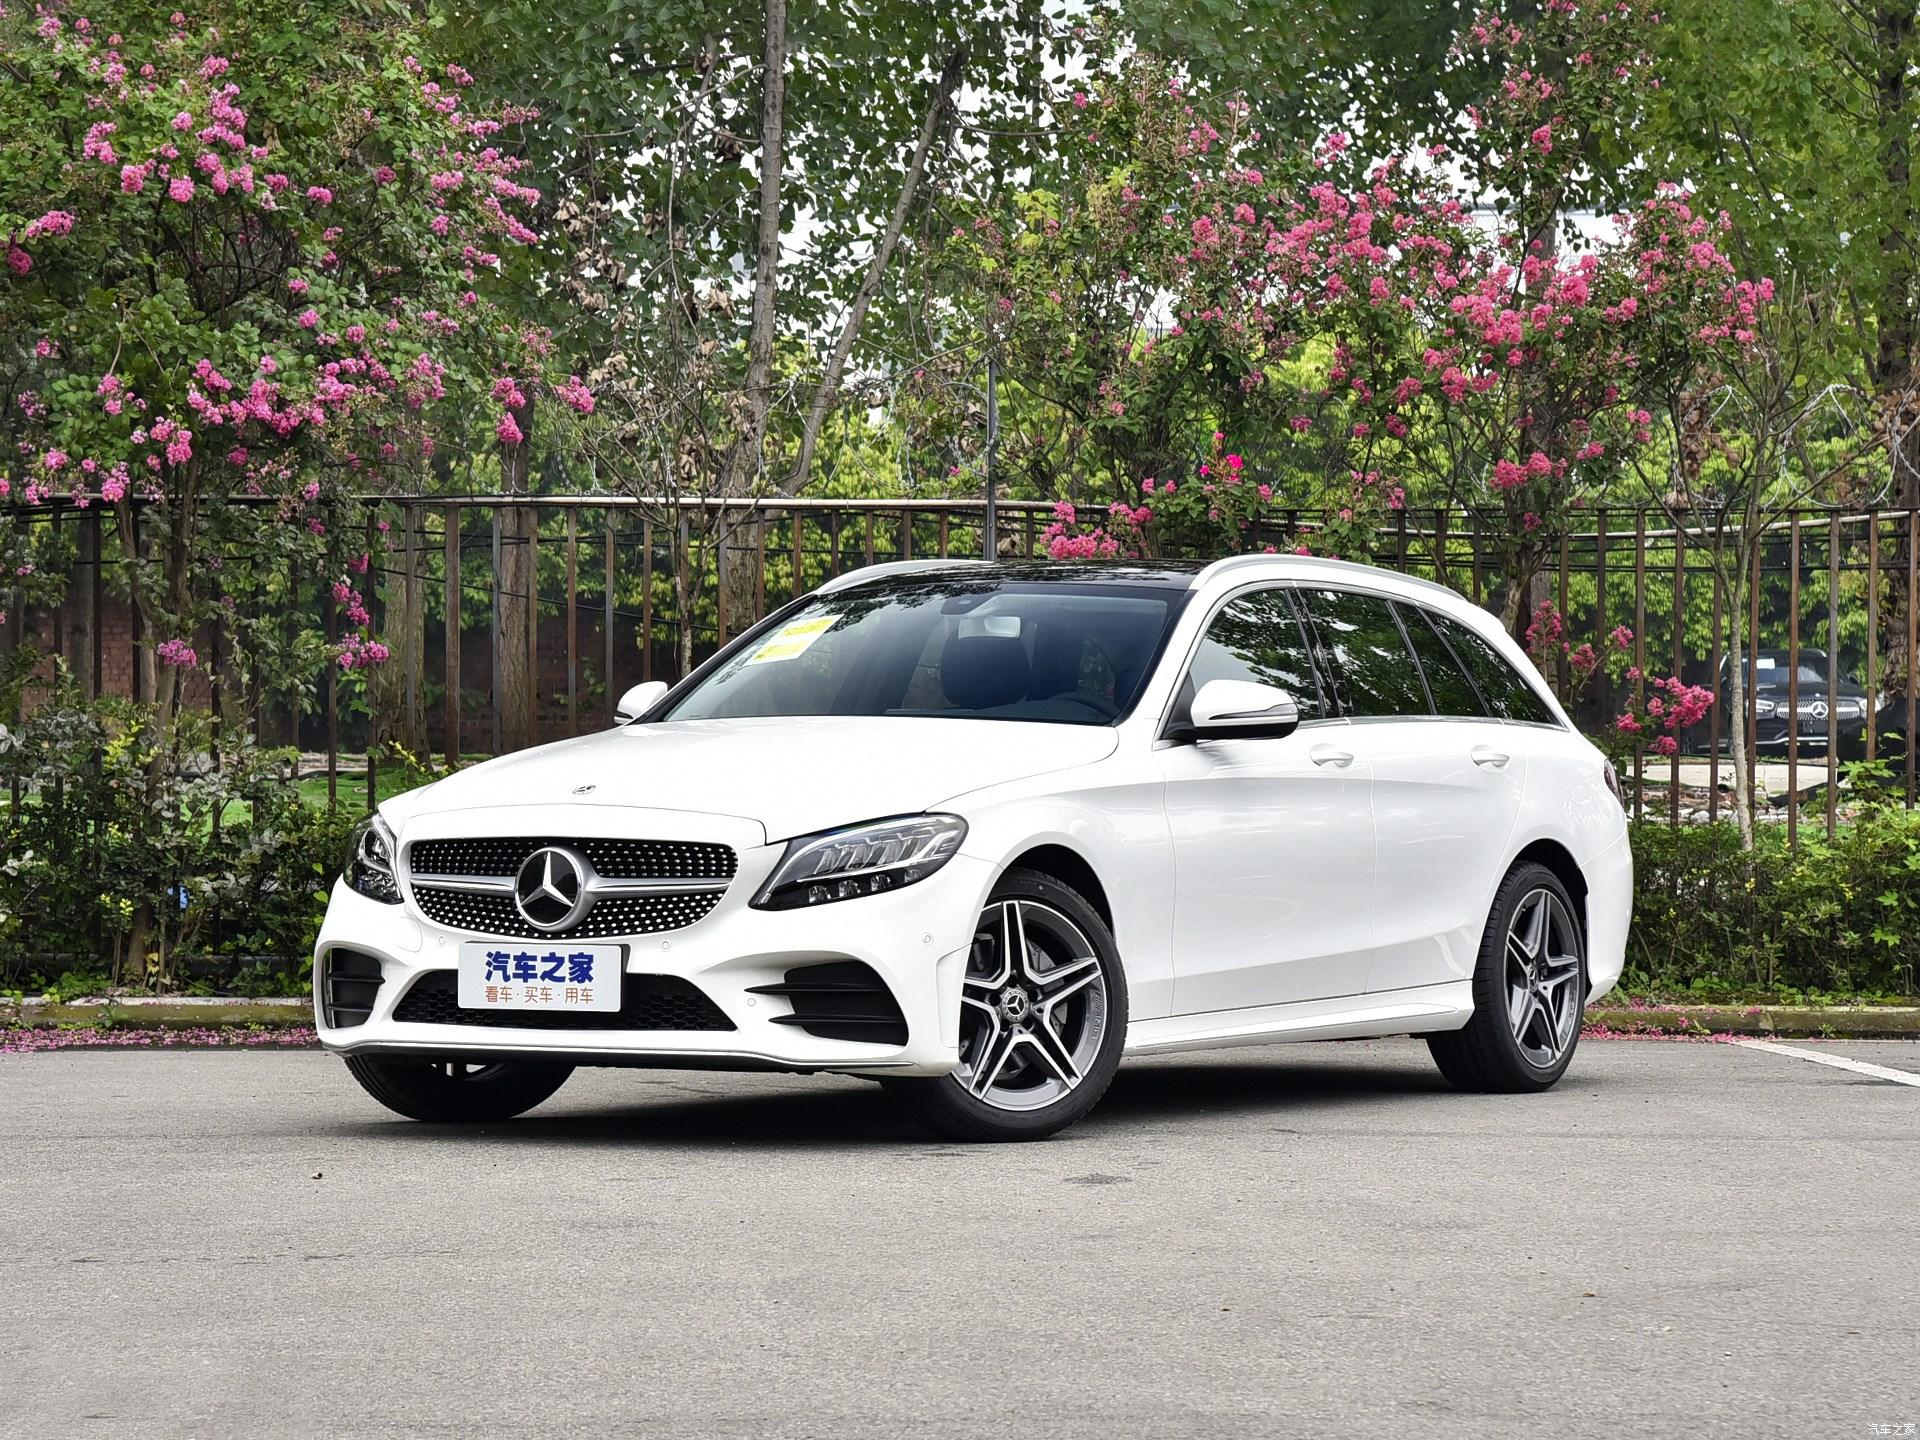 可選裝AMG風格套件, 2021款奔馳C級轎跑車上市, 售價34.68萬元起-圖1